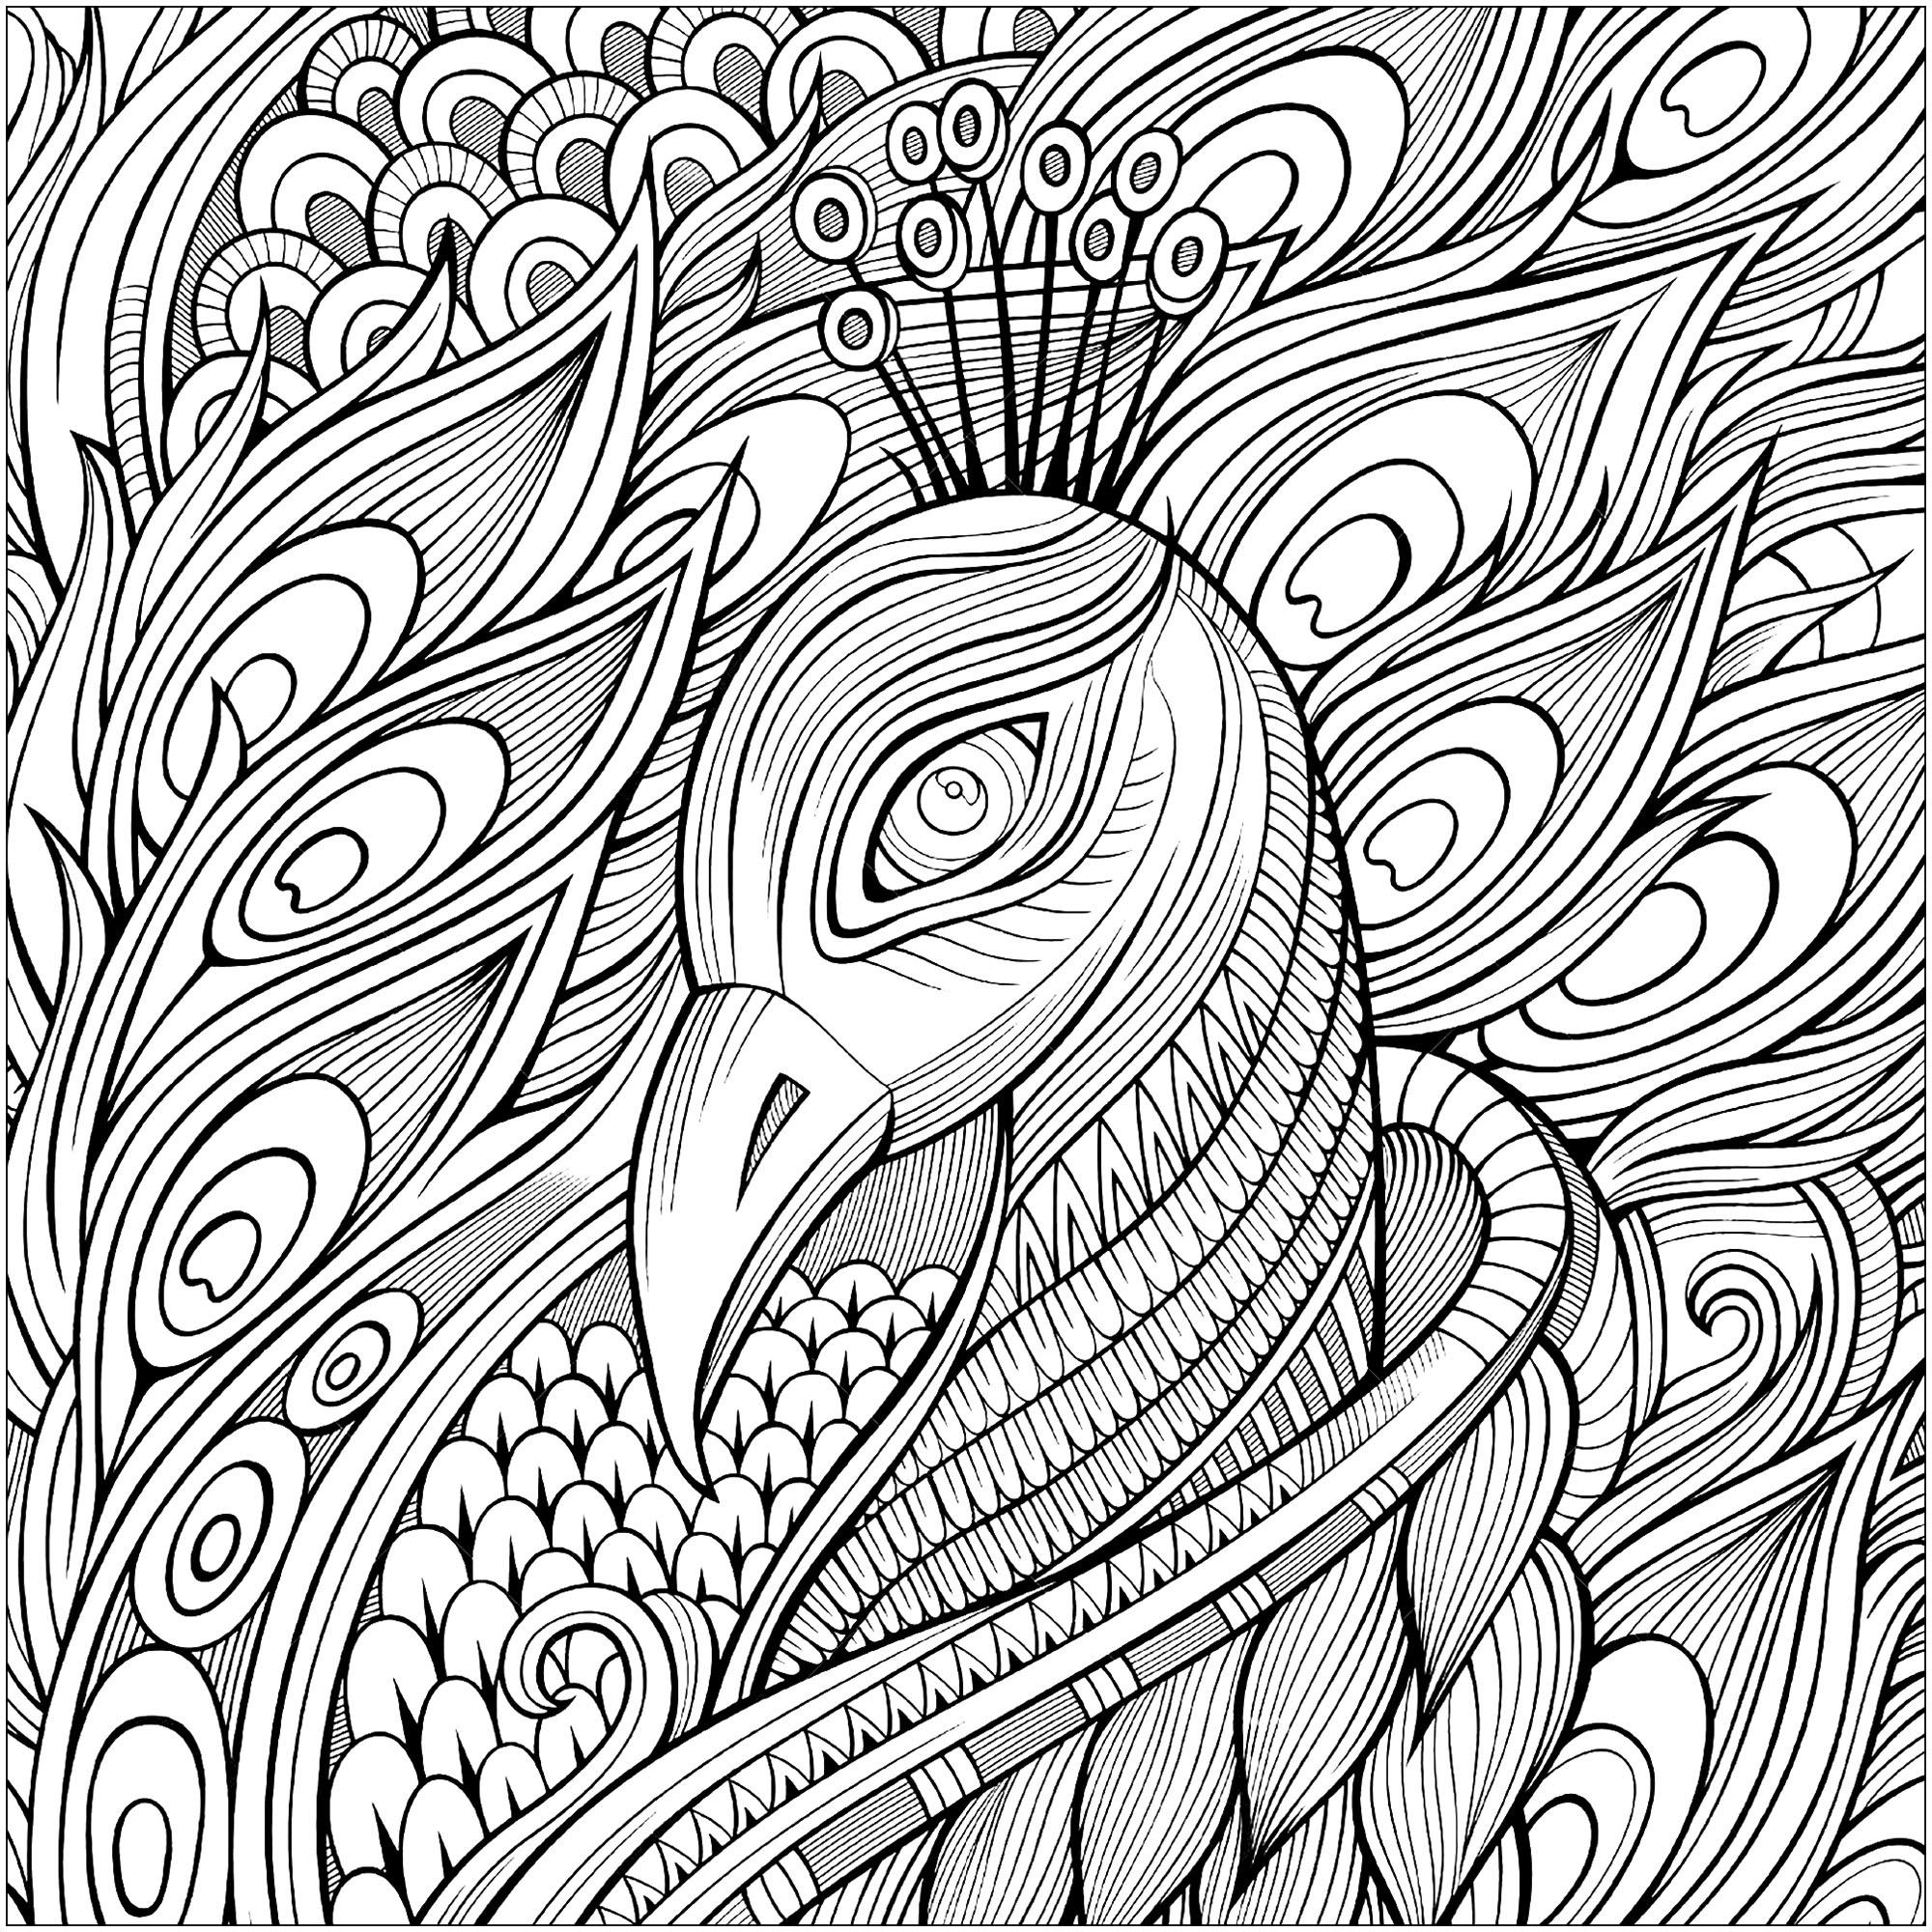 Élégant paon et ses plumes bleues - Paons - Coloriages difficiles pour adultes